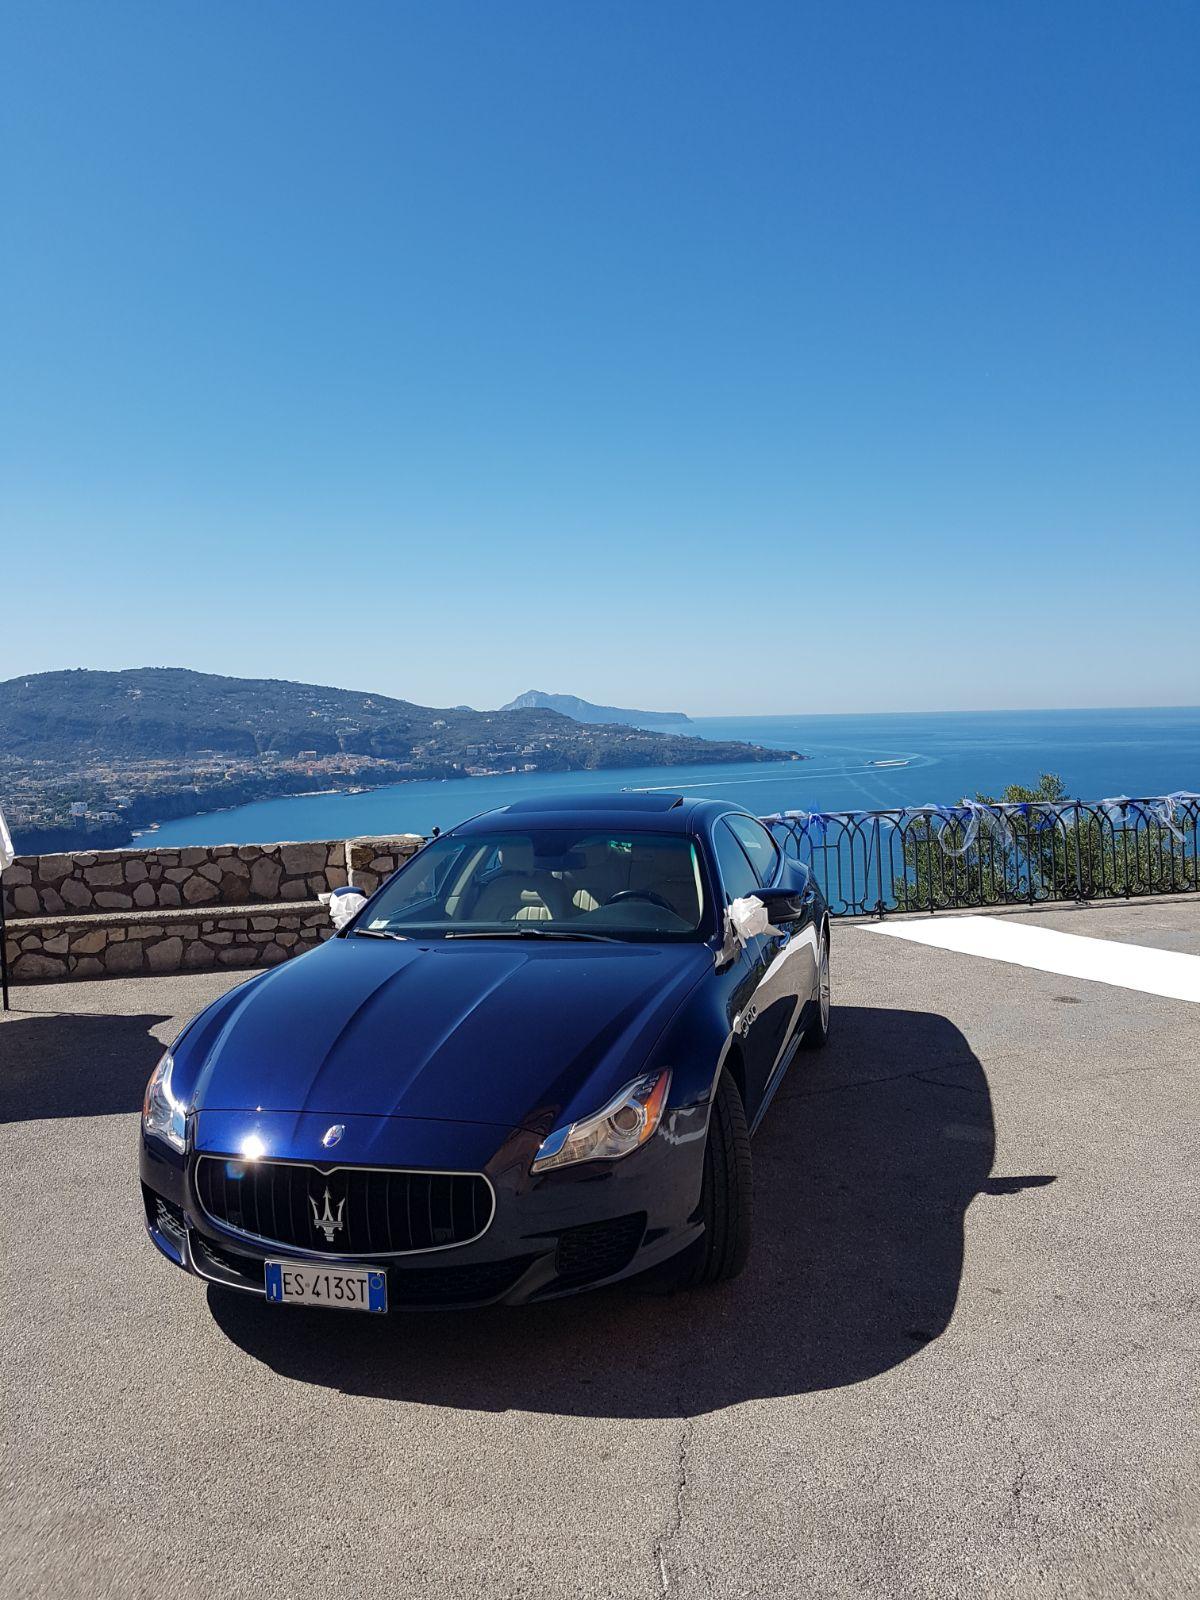 noleggio per cerimonie Napoli | Q4 blu | auto sposi Napoli